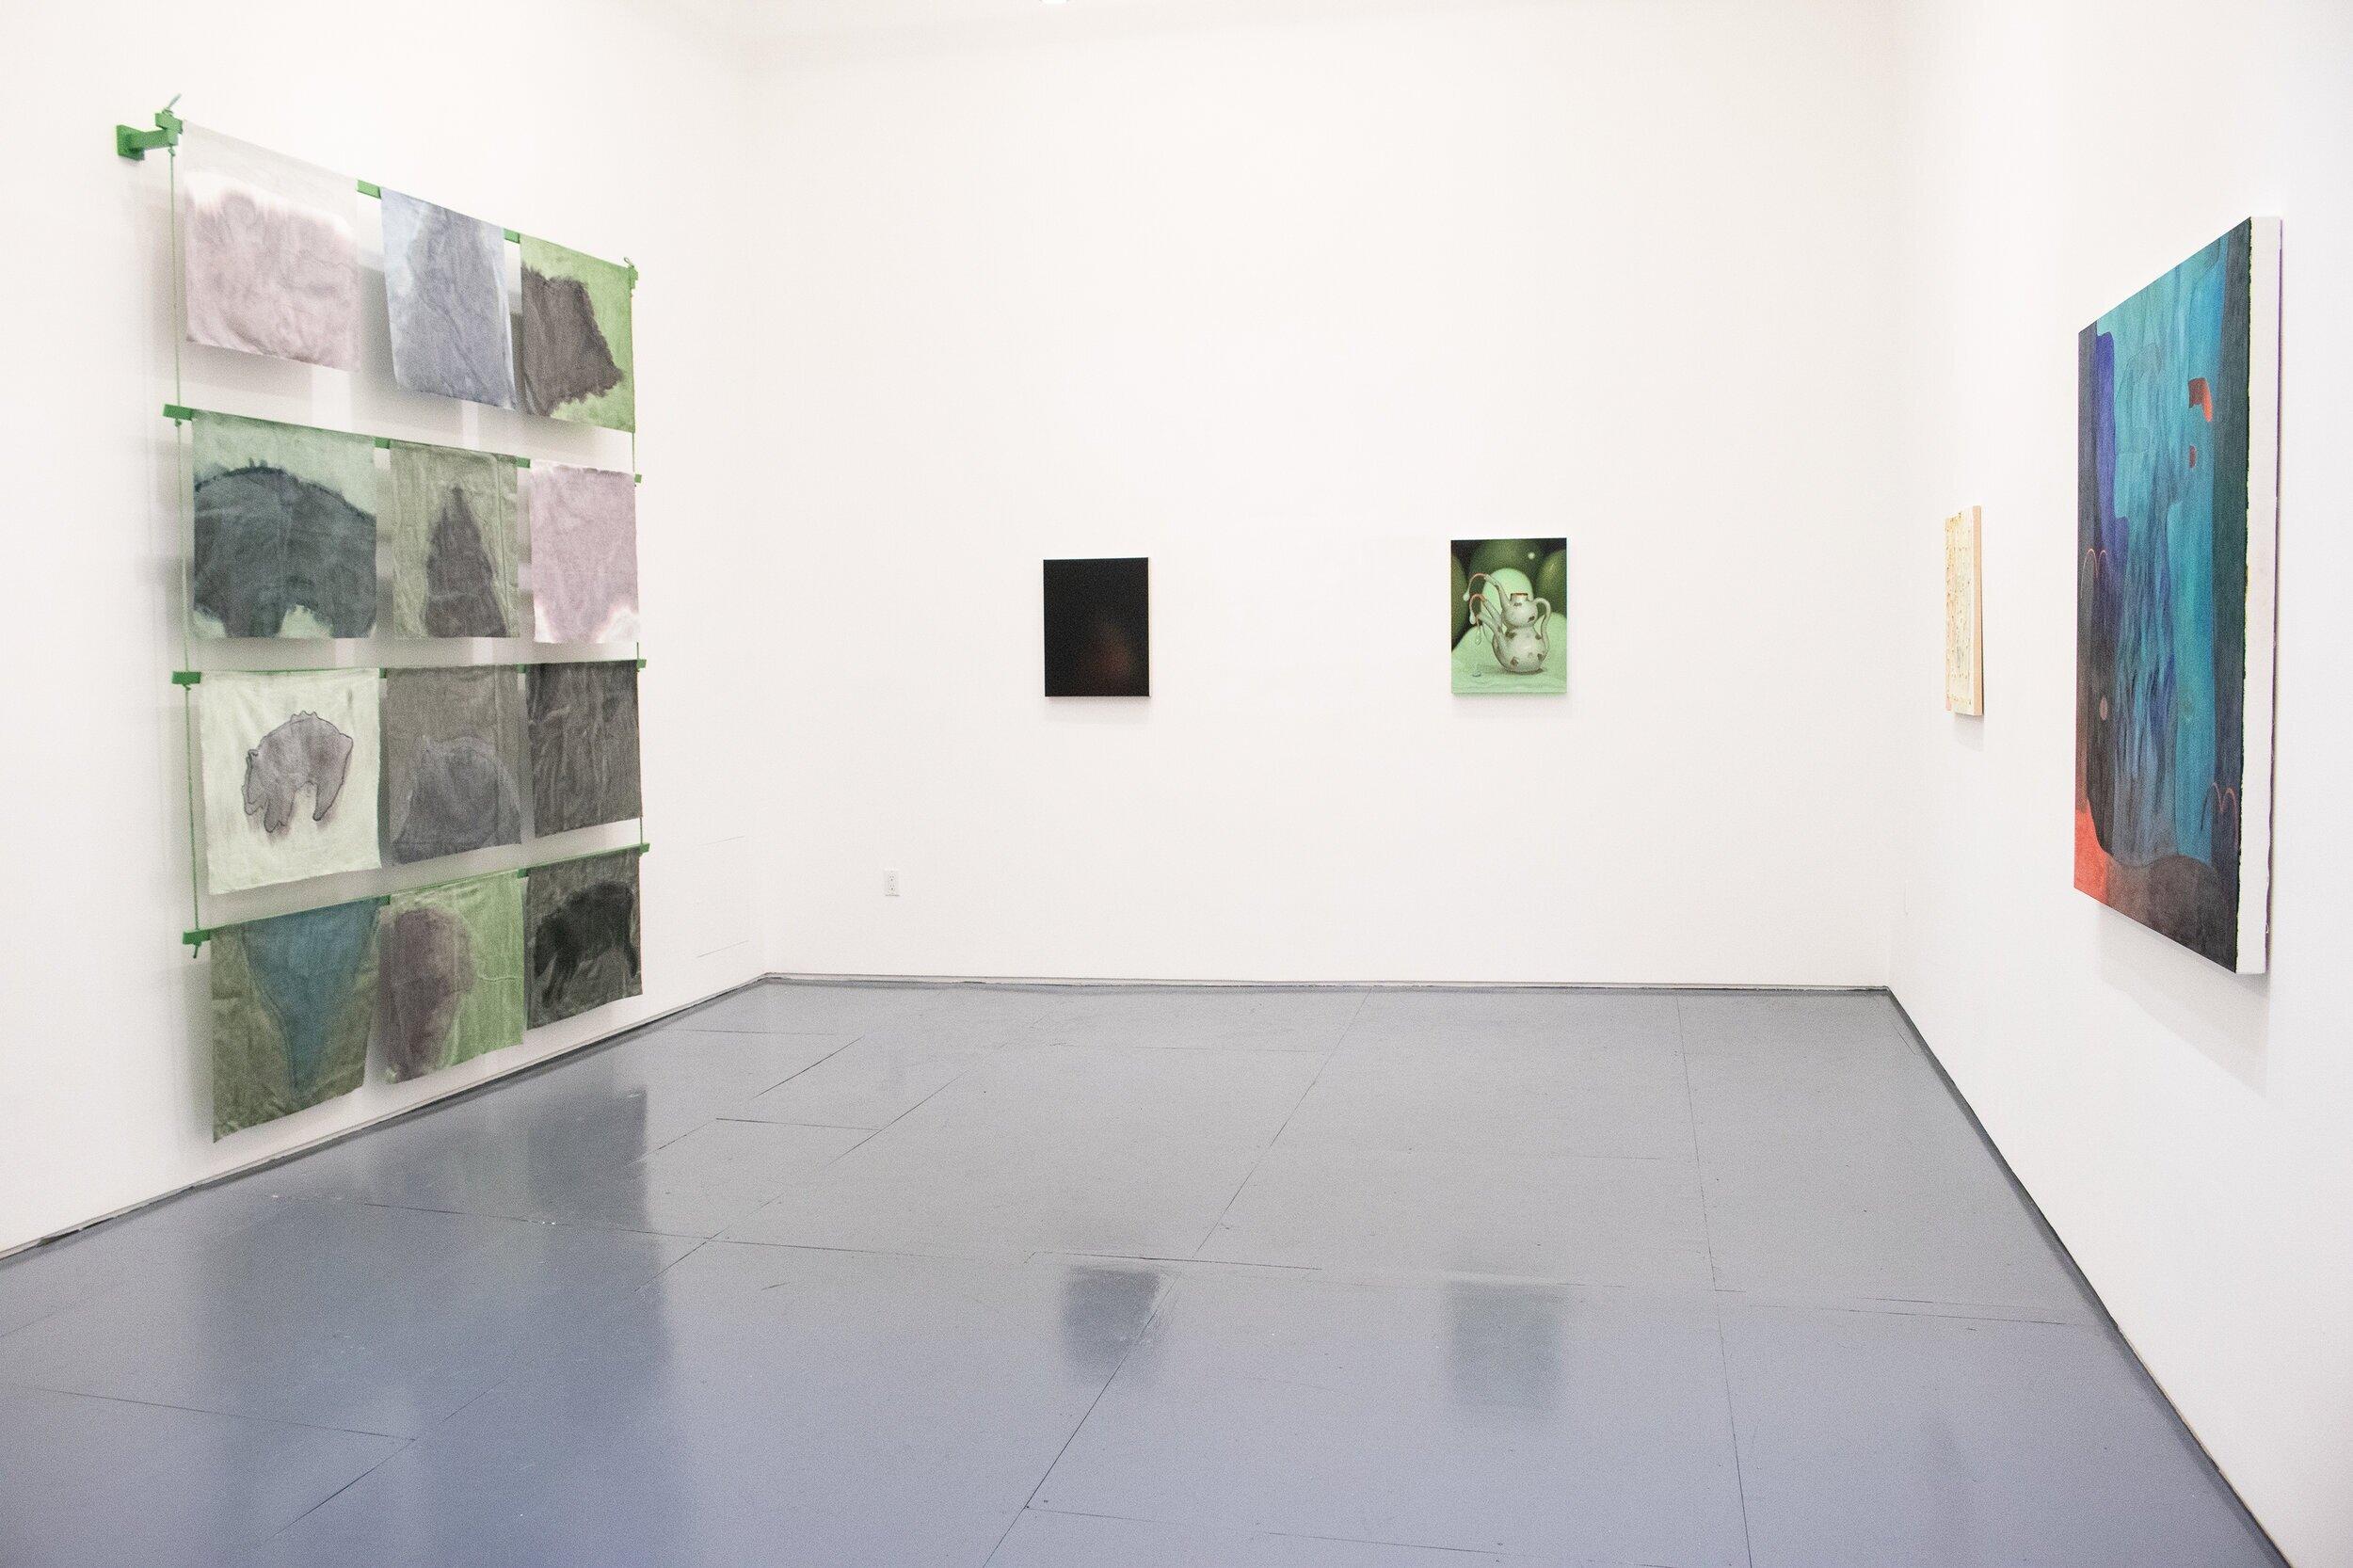 Paint School Exhibition, presented by Shandaken Projects, Klaus Von Nichtssagend Gallery, New York, NY